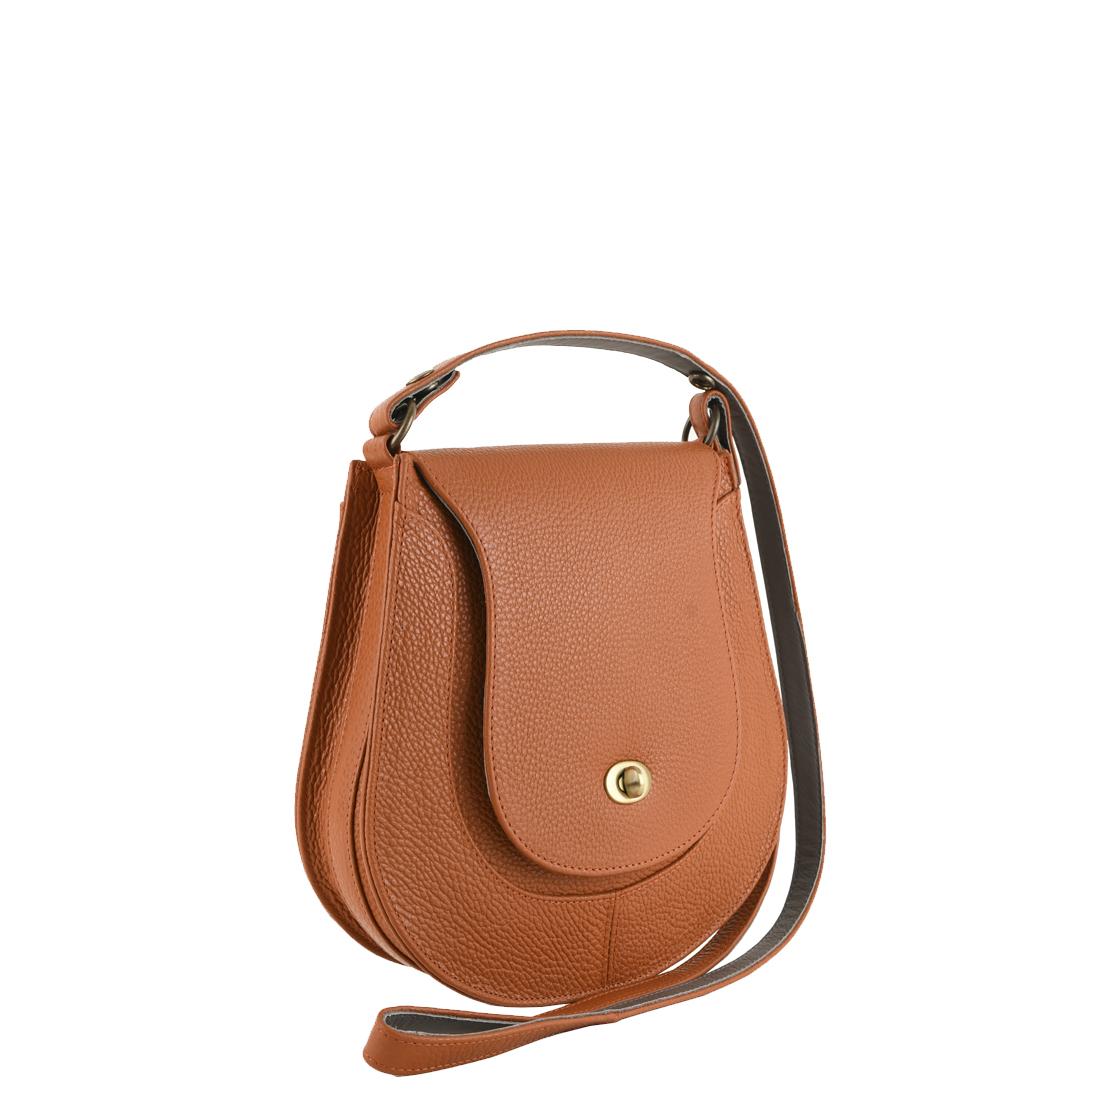 Hattie Burnt Orange Leather Shoulder Bag